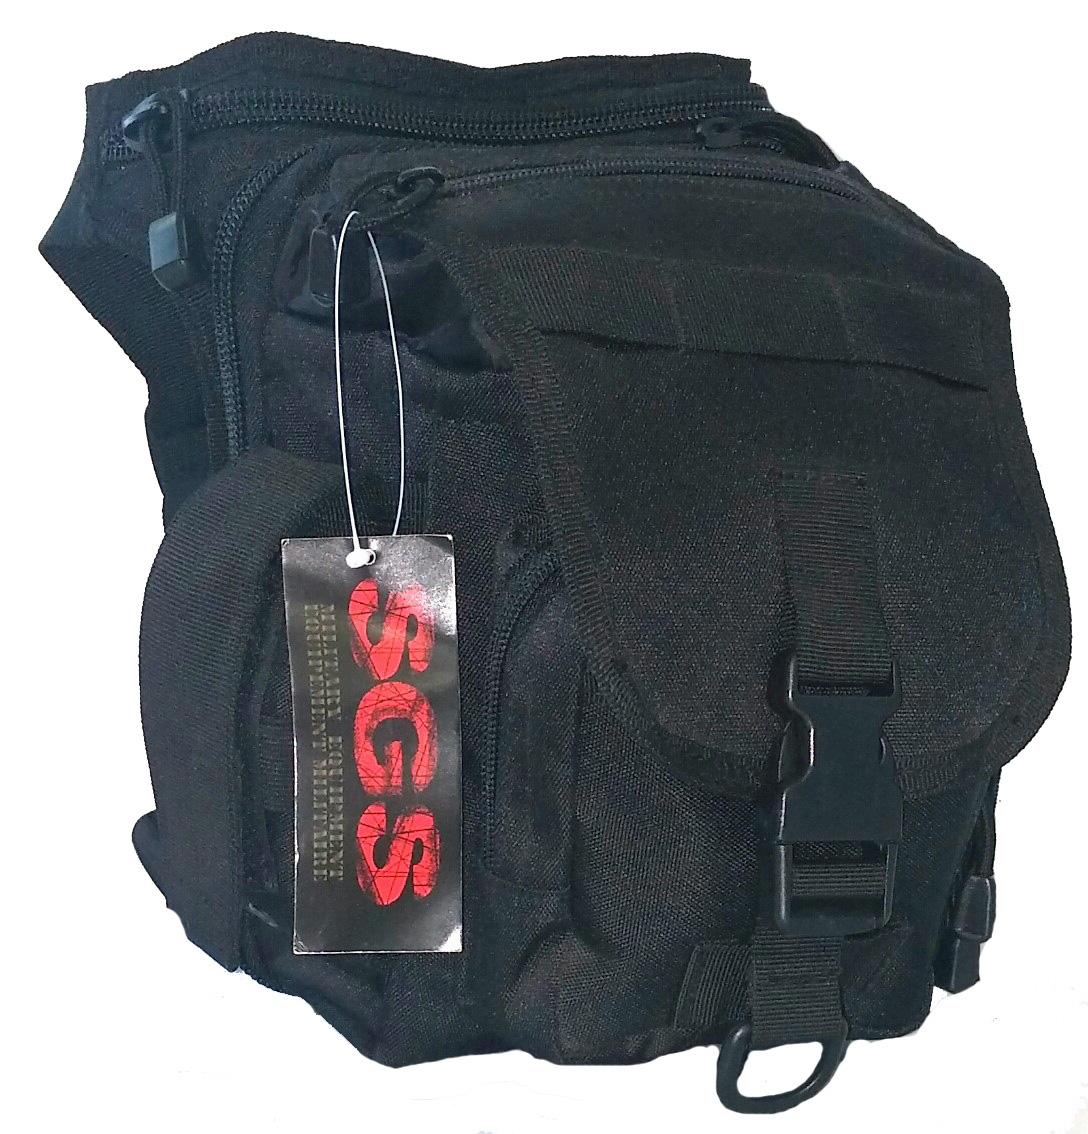 B680 bag